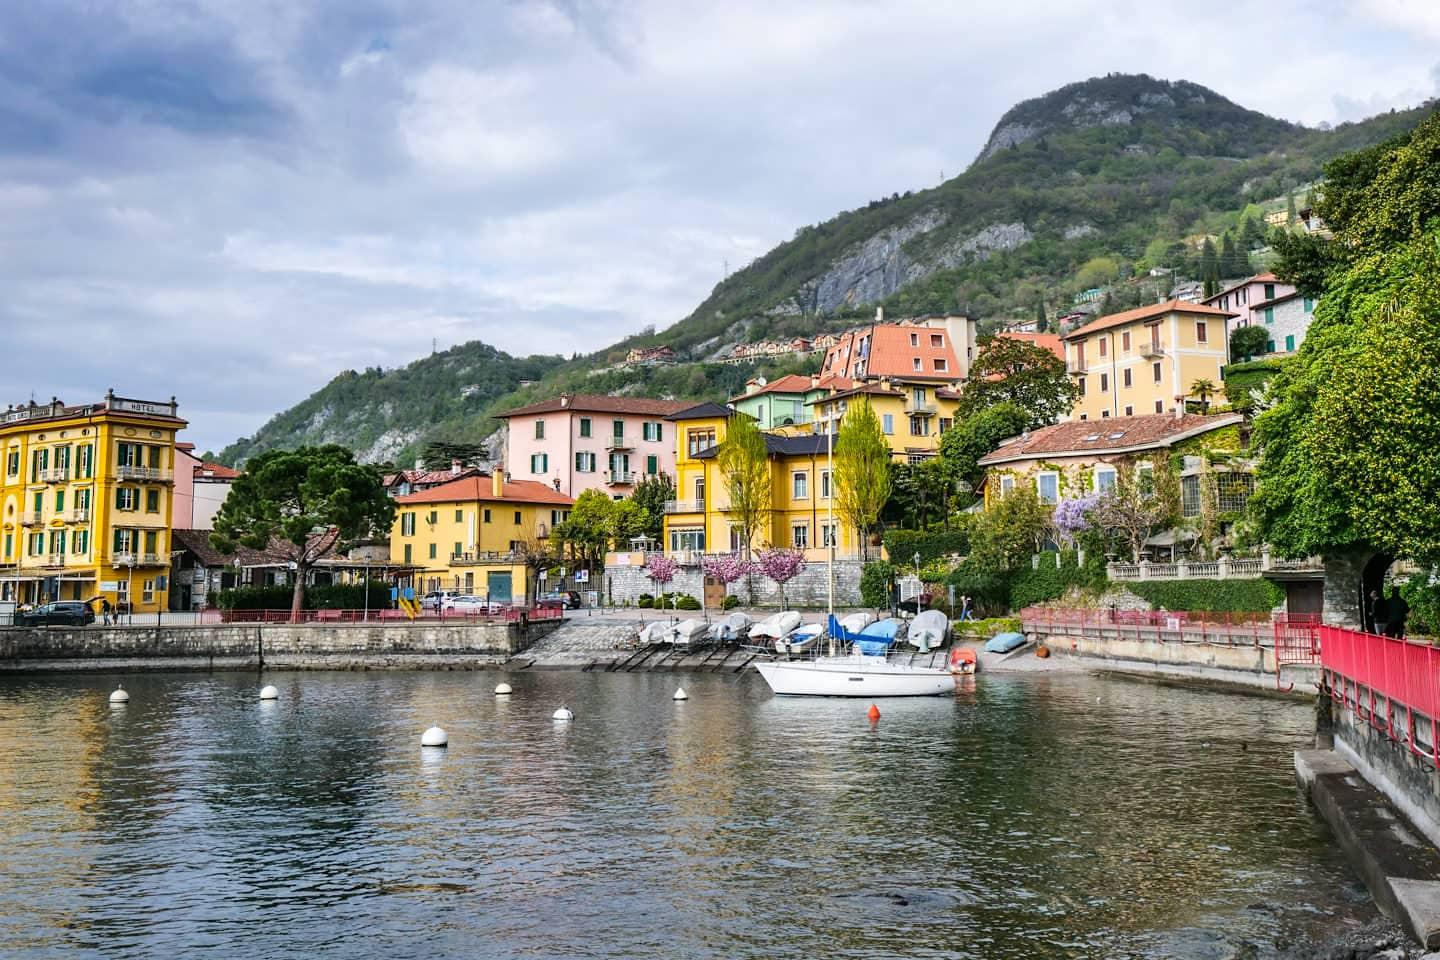 Zauberschönes Varenna - Der schönste Ort am Comer See - Lombardei, Italien